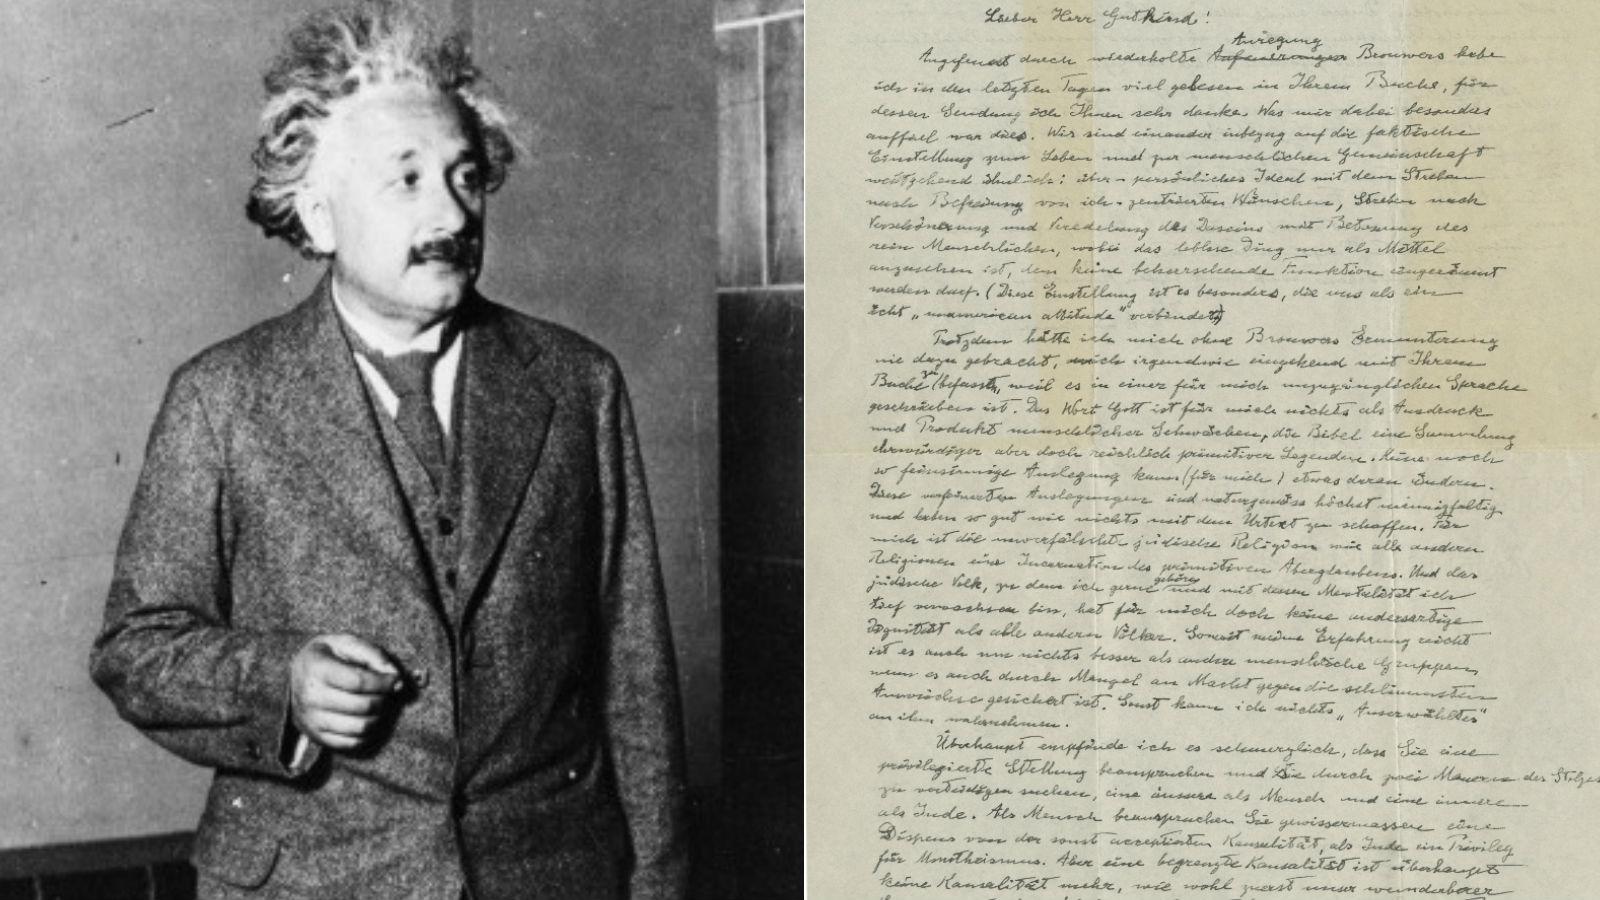 Egy olyan Einstein kéziratot árvereznek, amelyben a fizikus a relativitáselméletet készítette elő